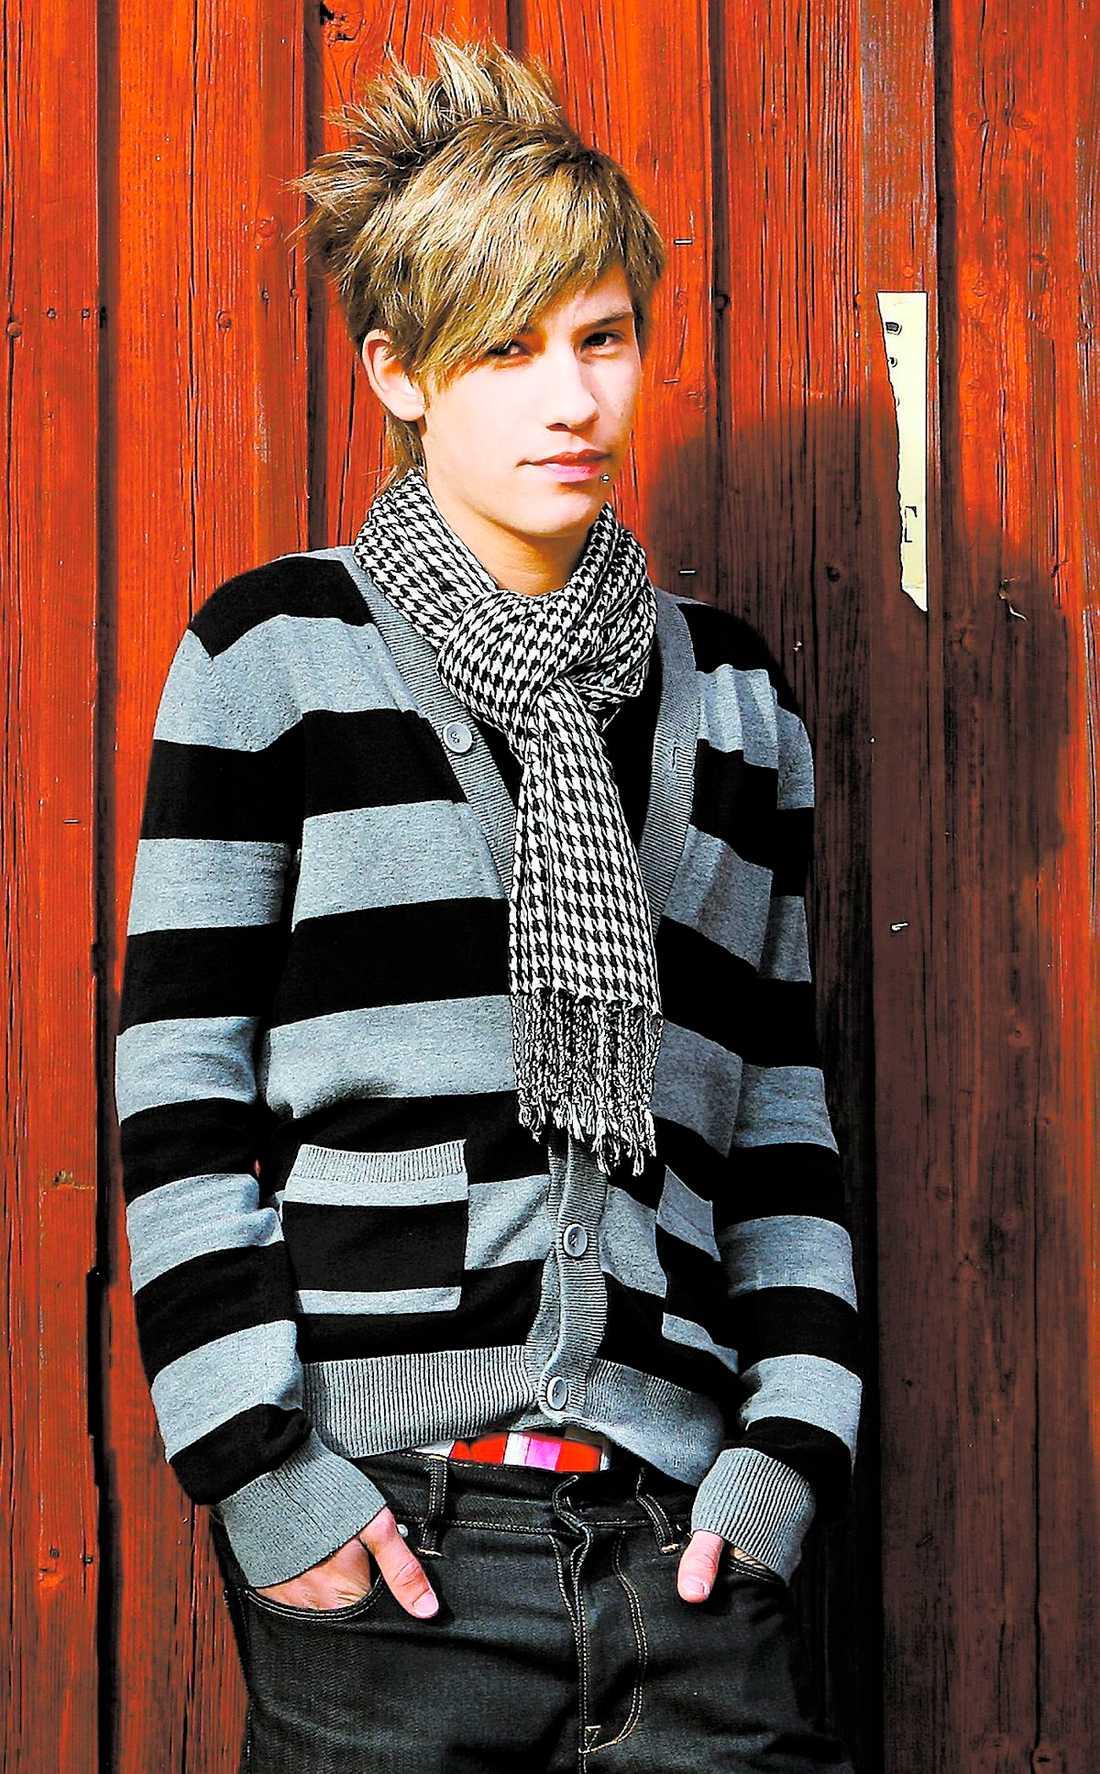 """hyllad på gaygala Kristian Kabelacs utnämndes till Årets kämpe på en gaygala i Stockholm i februari i år. """"Jag kunde inte tro det var sant. Det var så fantastiskt att alla plötsligt trodde på mig"""", säger Kristian."""